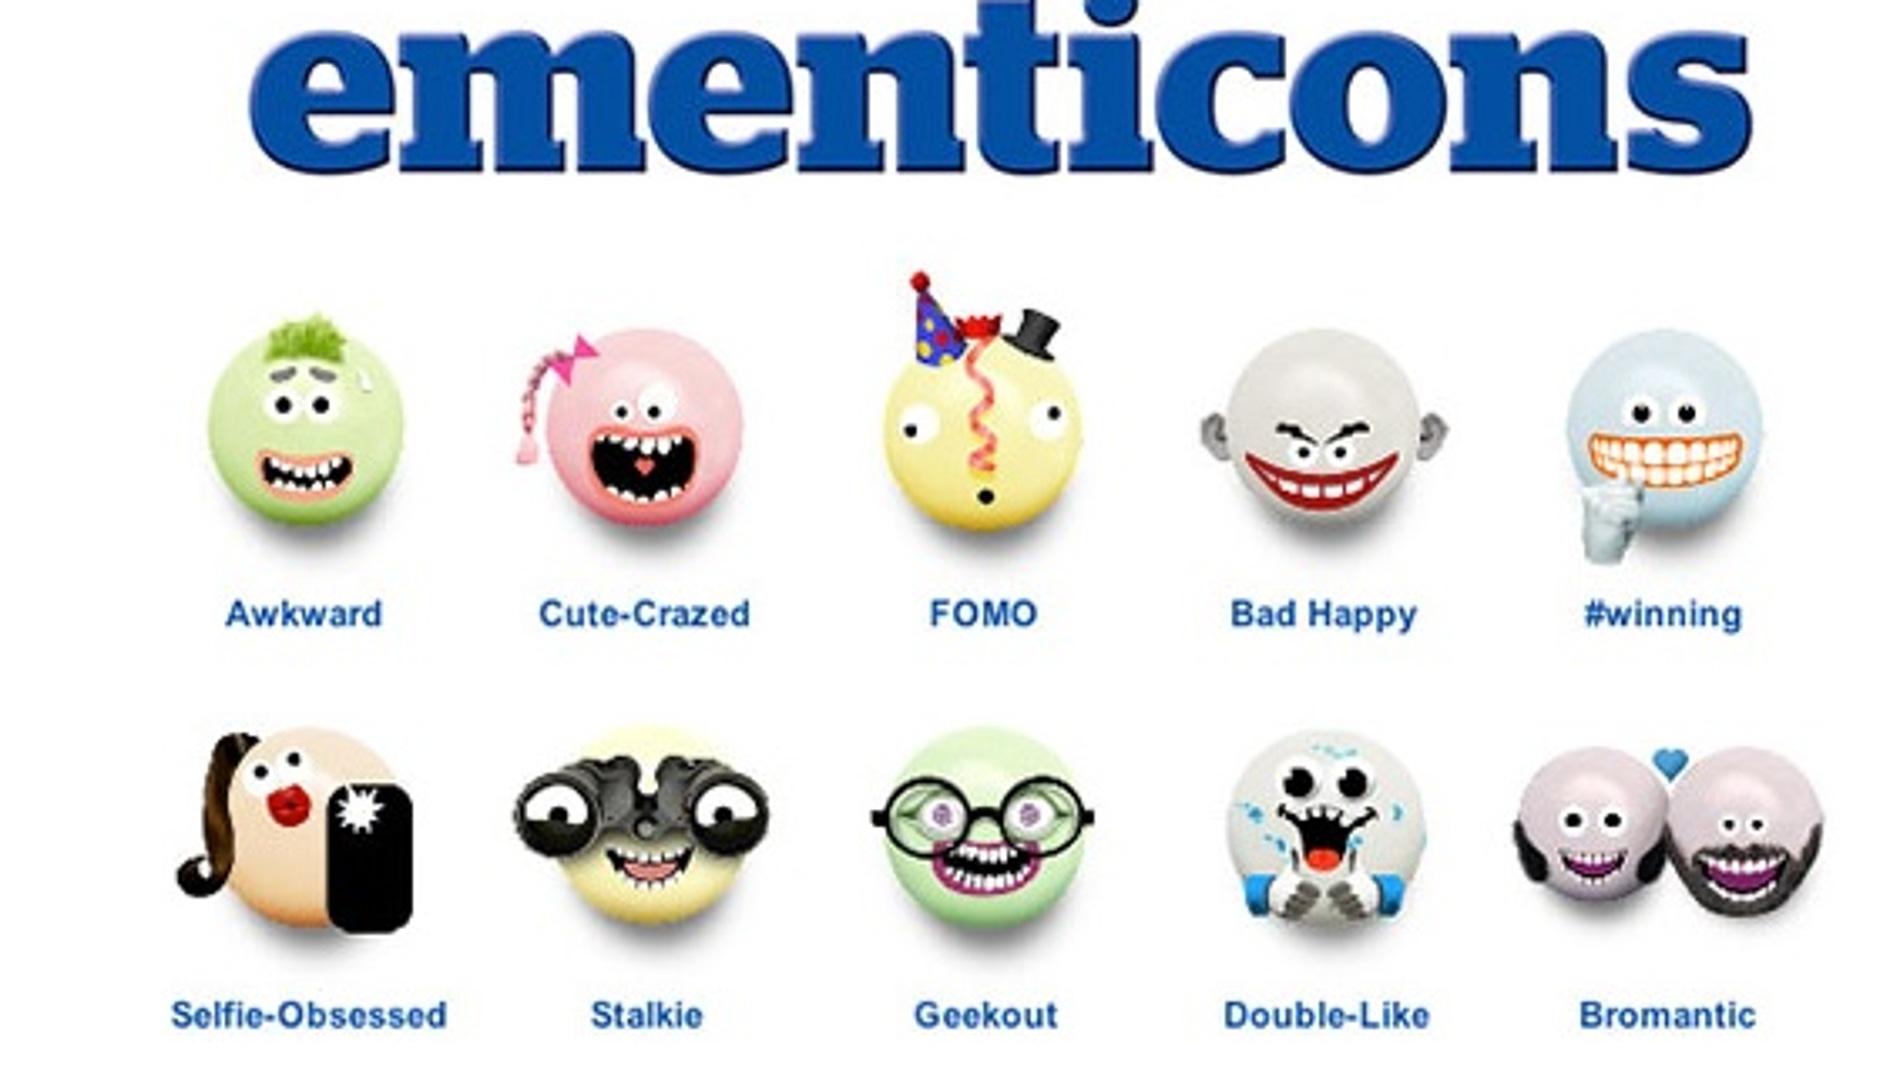 Los emoticonos de Mentos